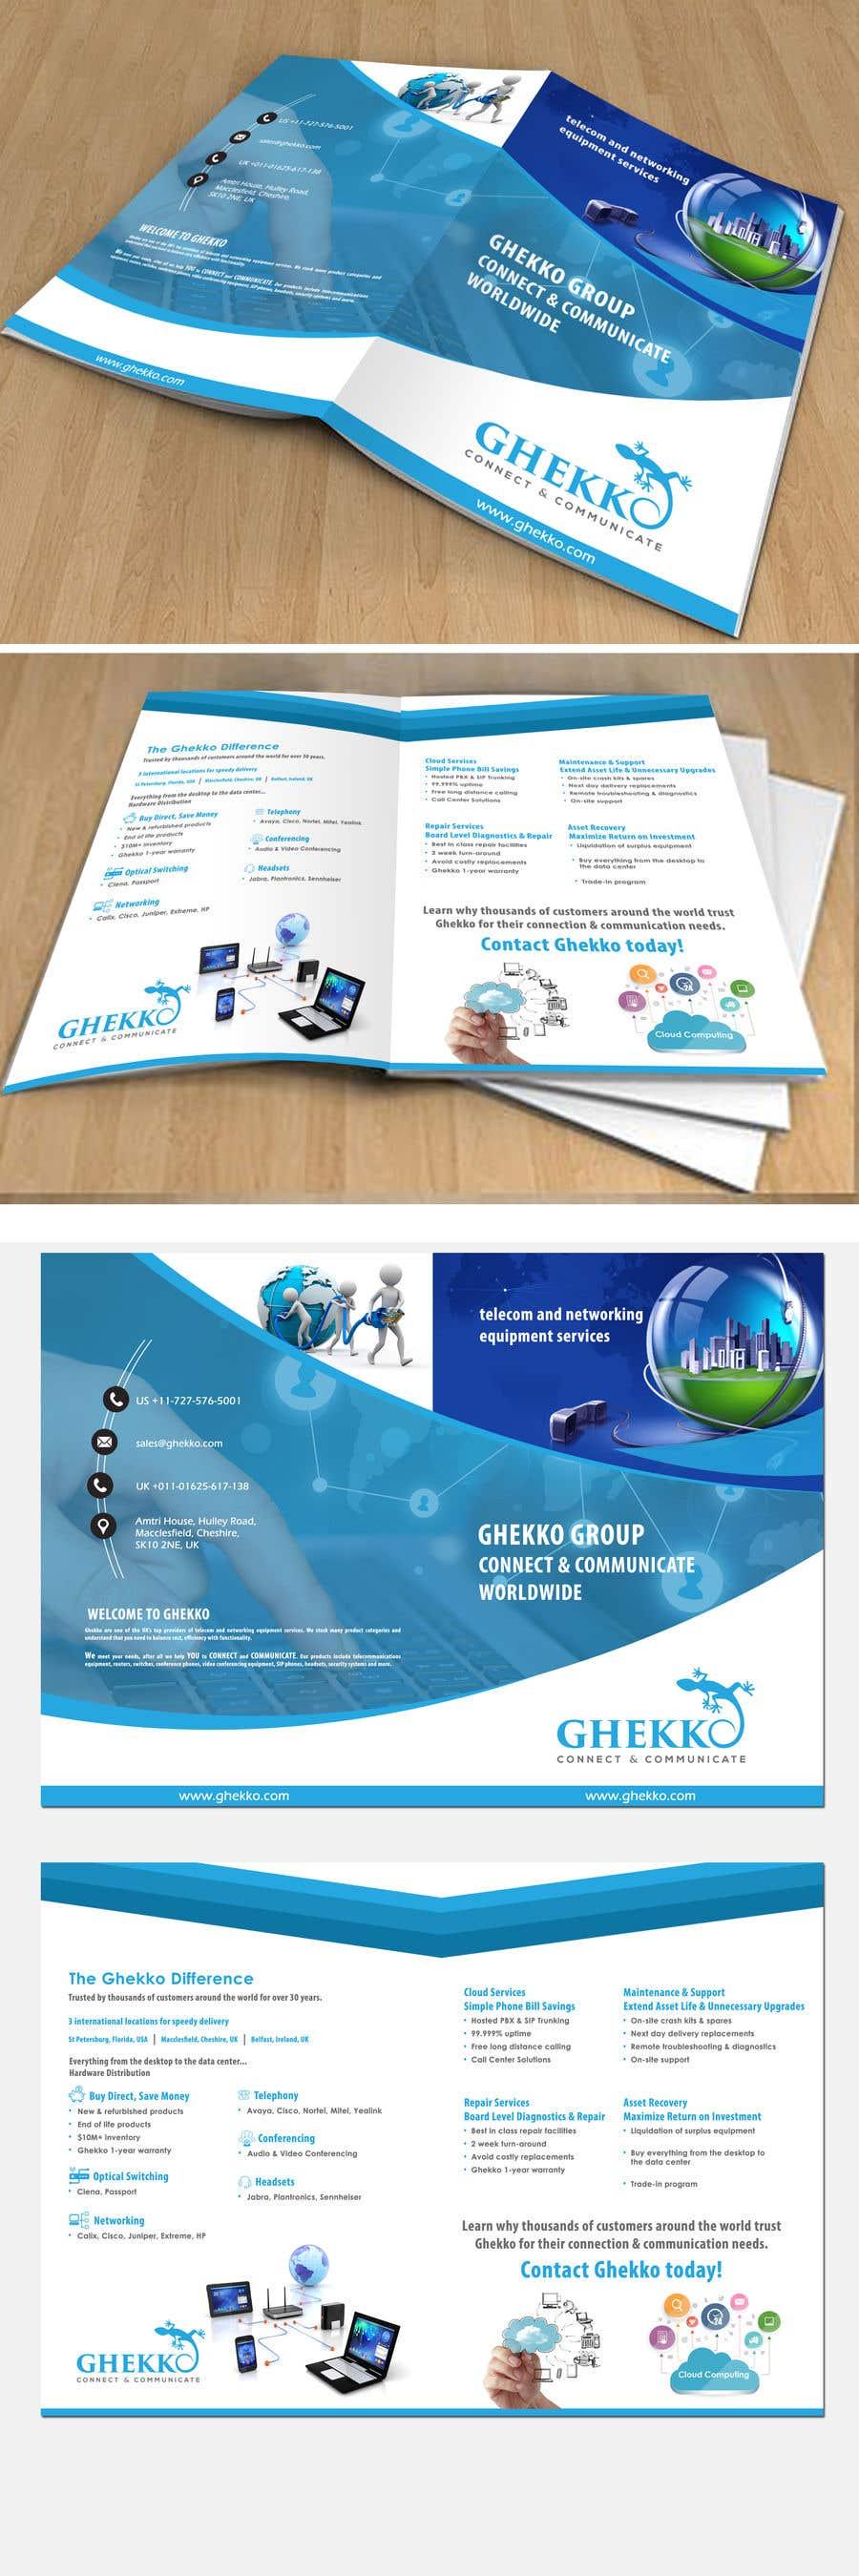 Inscrição nº 56 do Concurso para Design a one page sales brochure for Ghekko - a technology company